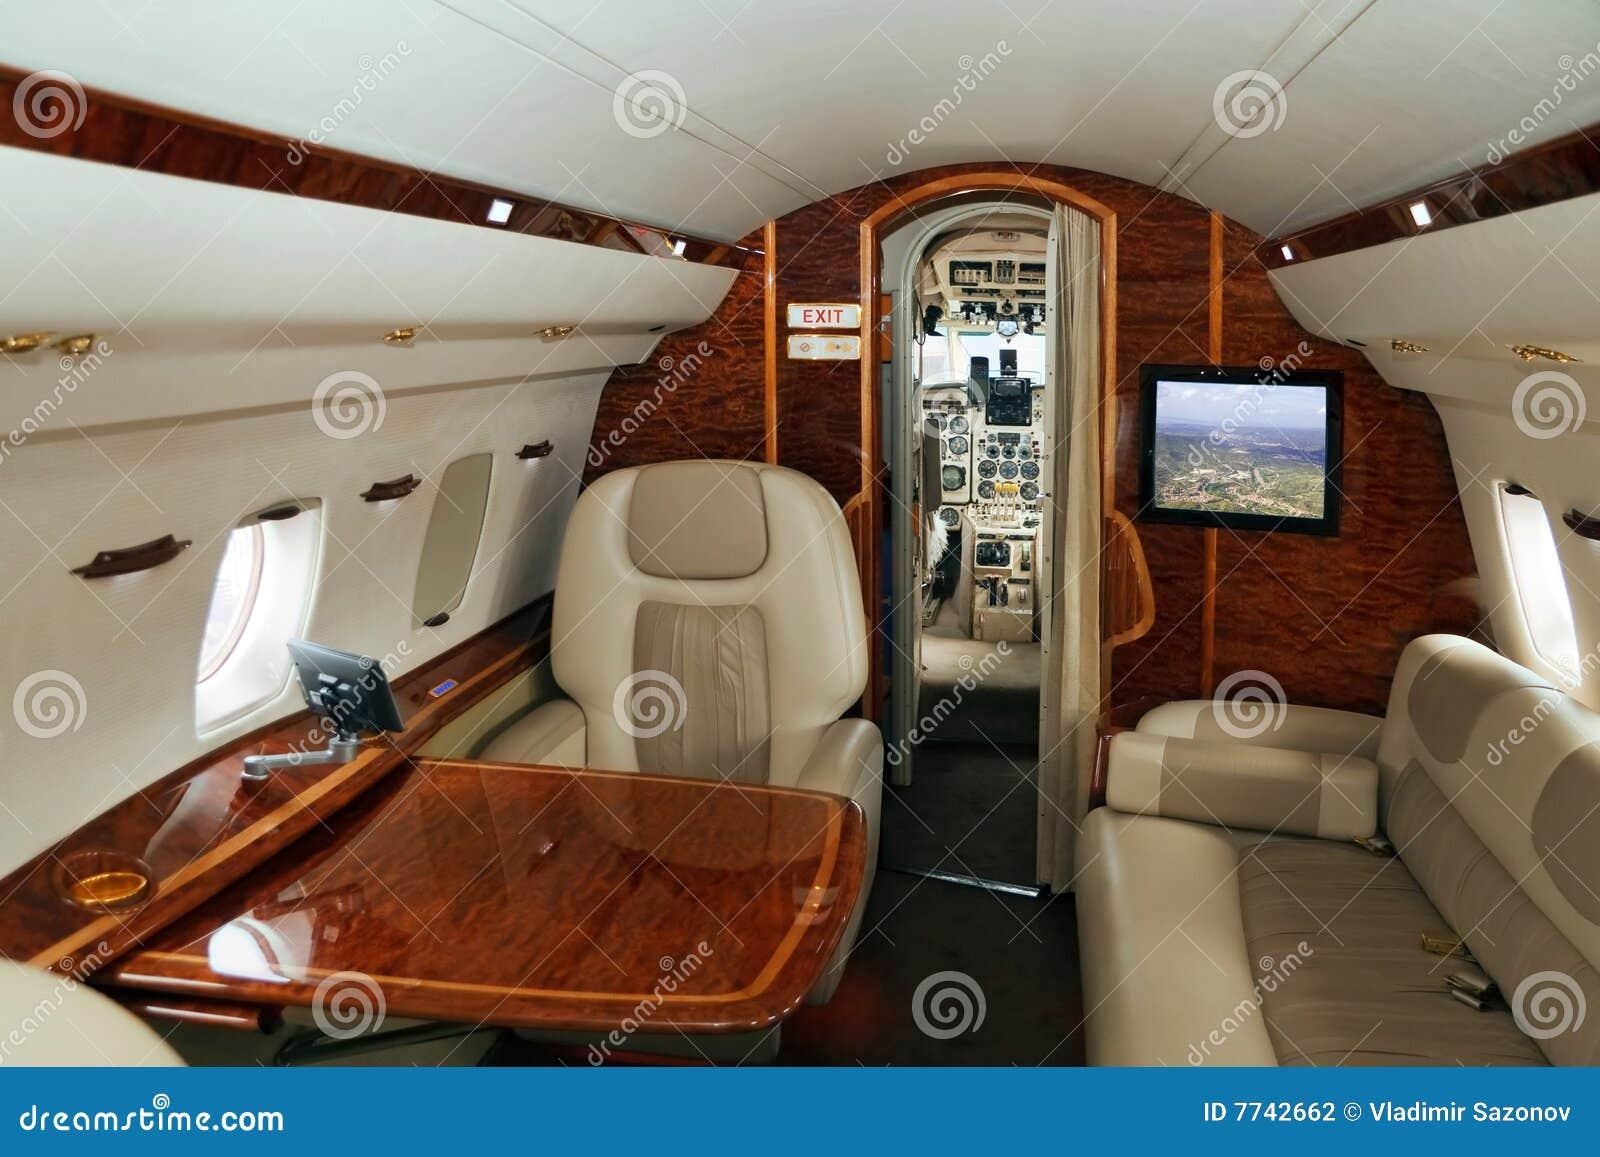 飞机喷气机运输vip